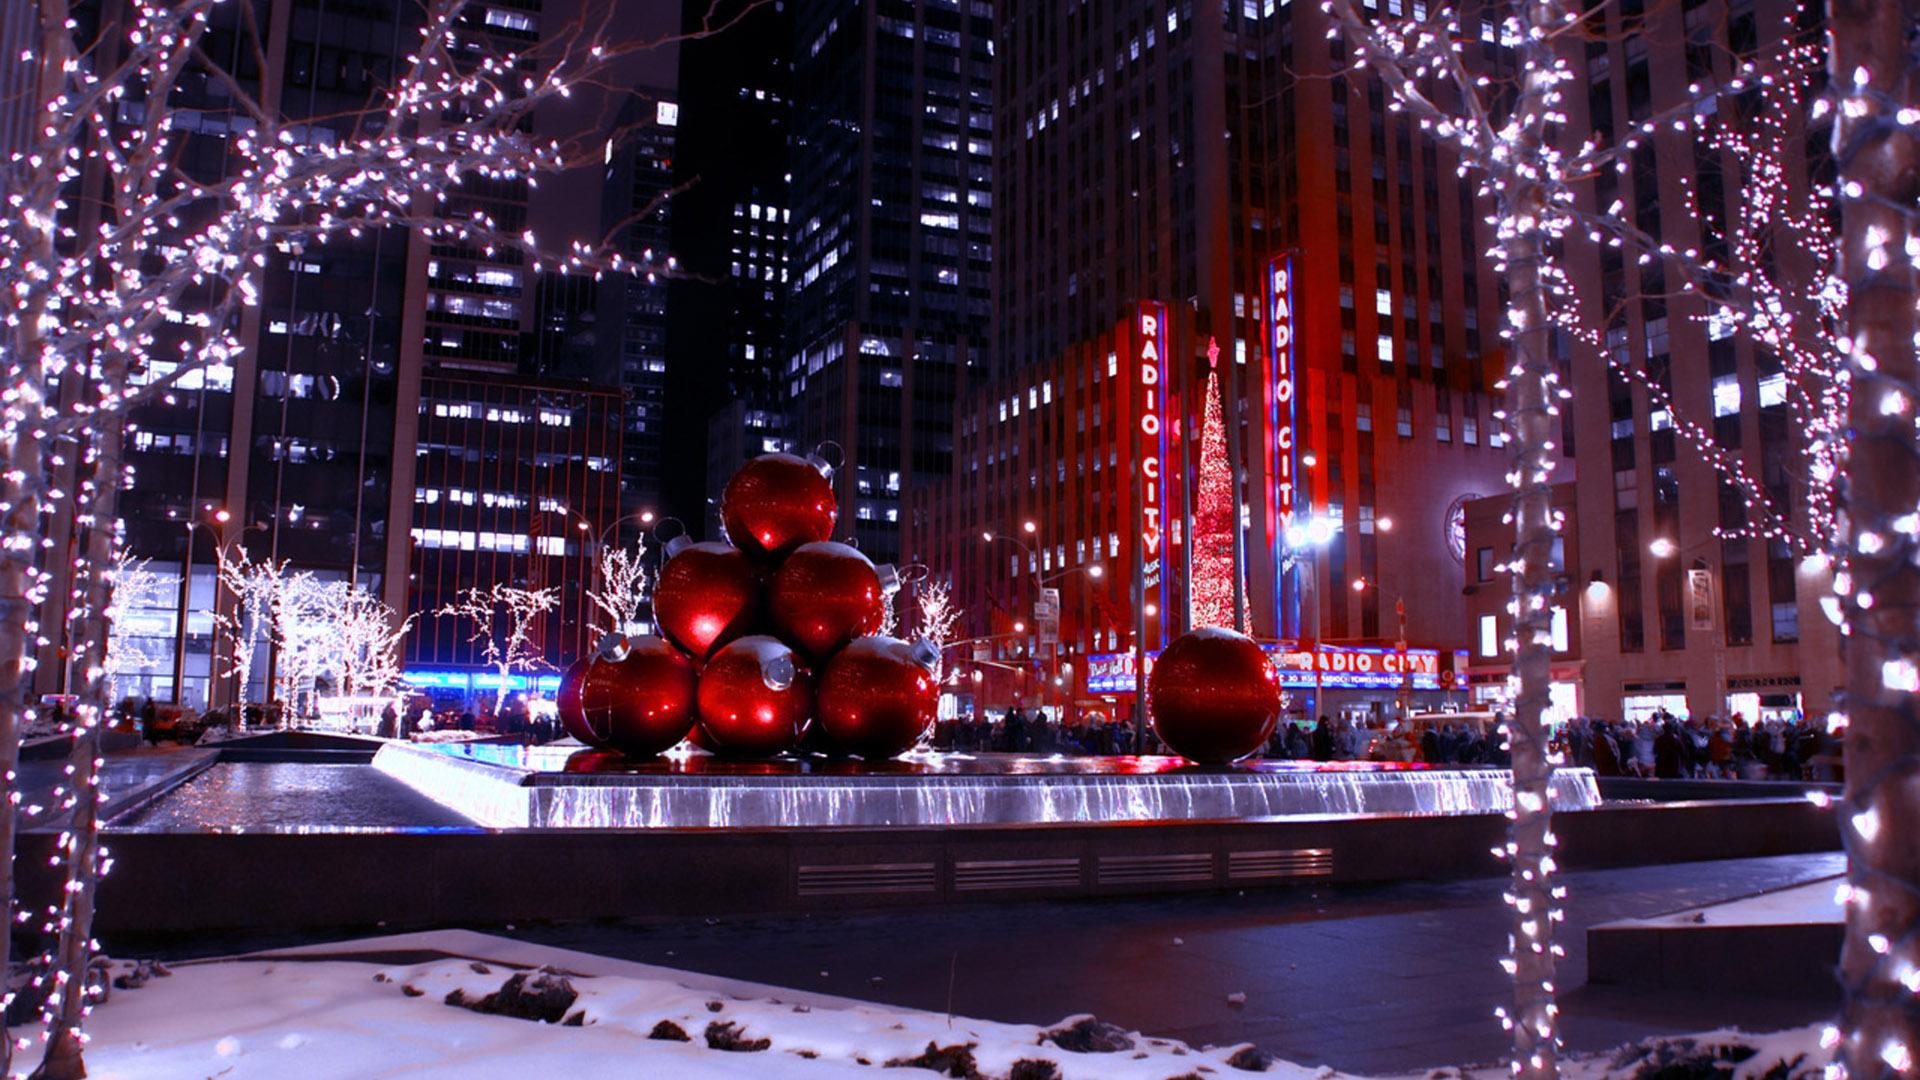 Χριστούγεννα 2018 - Νέα Υόρκη